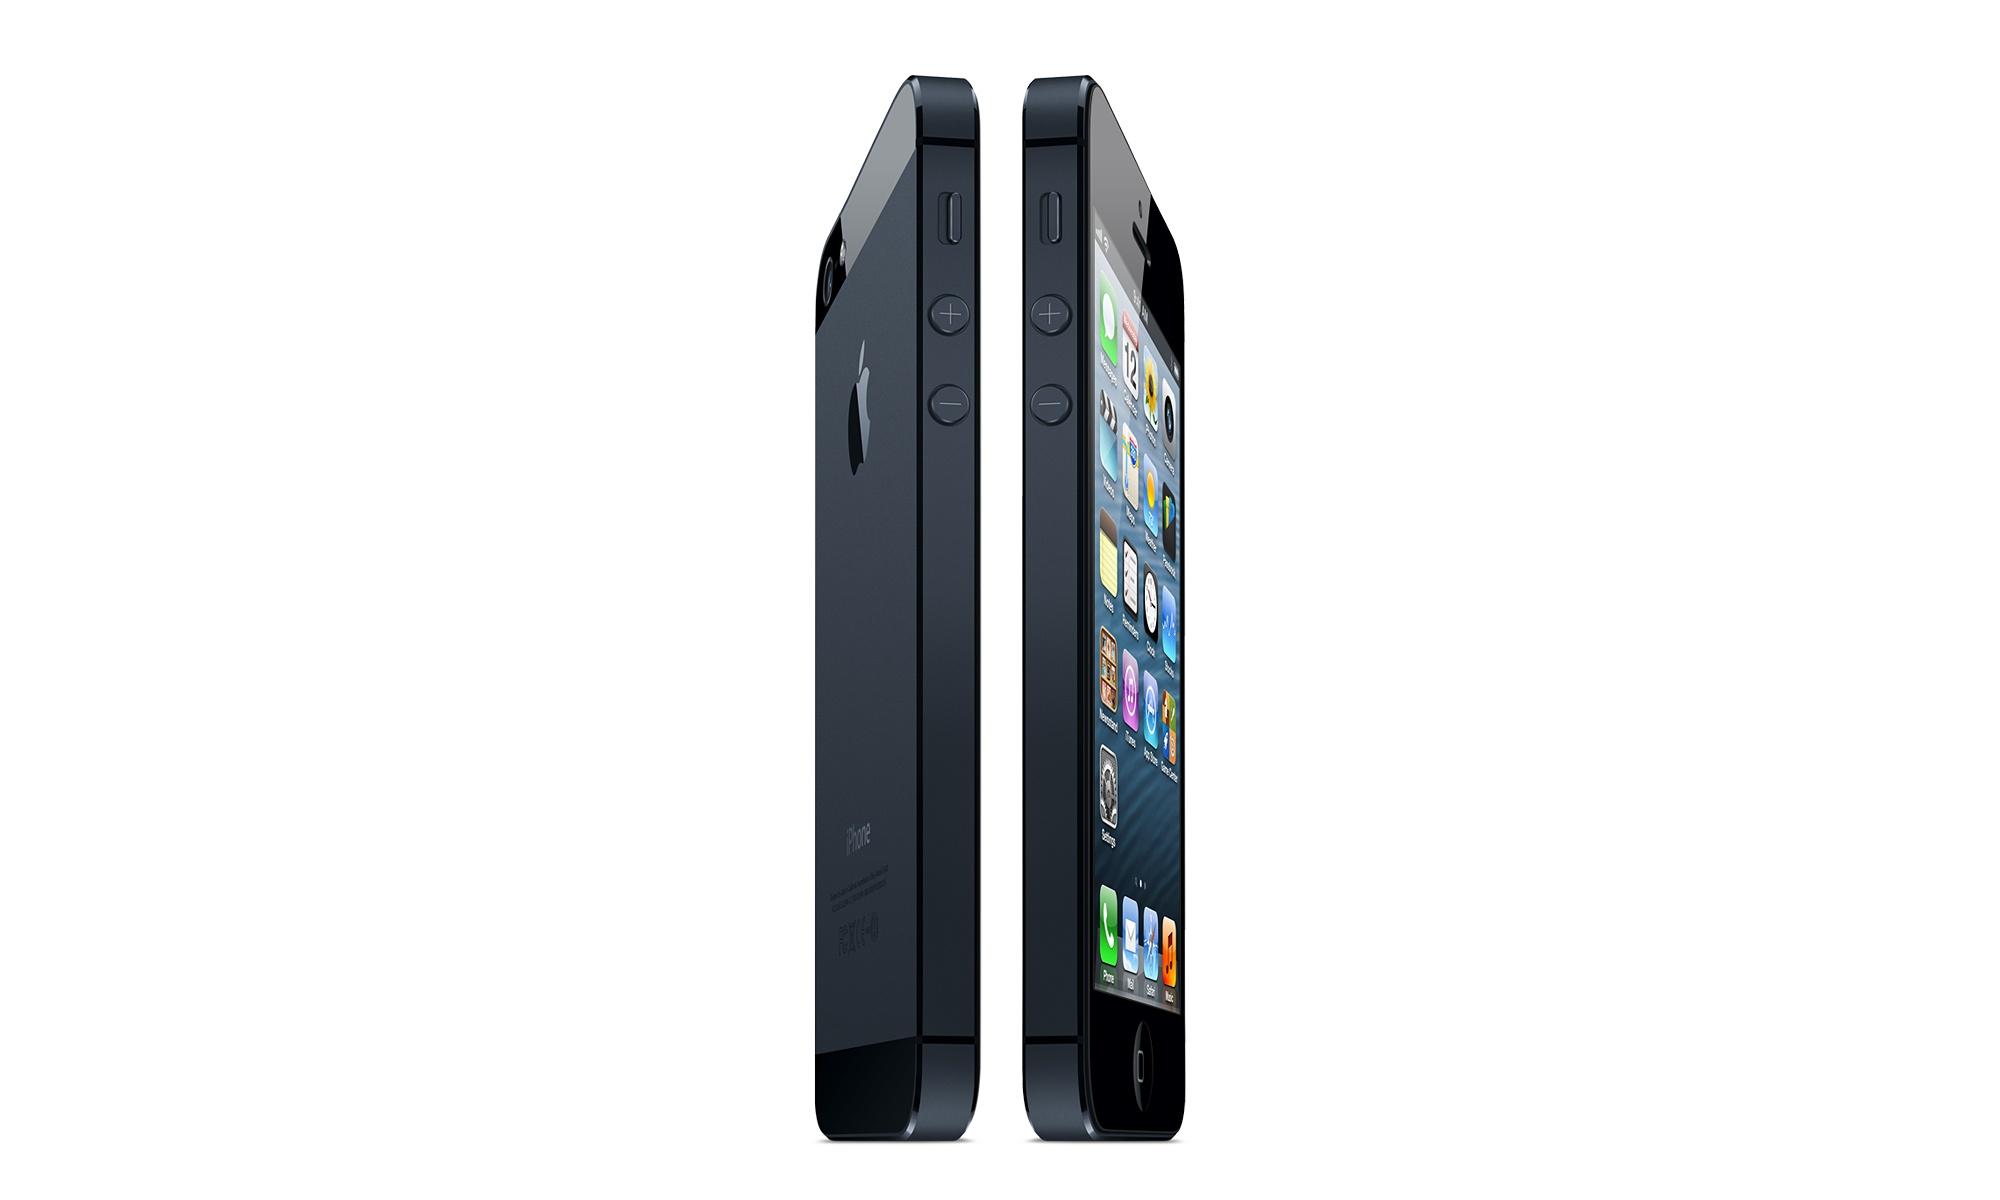 Обои iphone 3gs 16gb gebraucht schwarz - 82